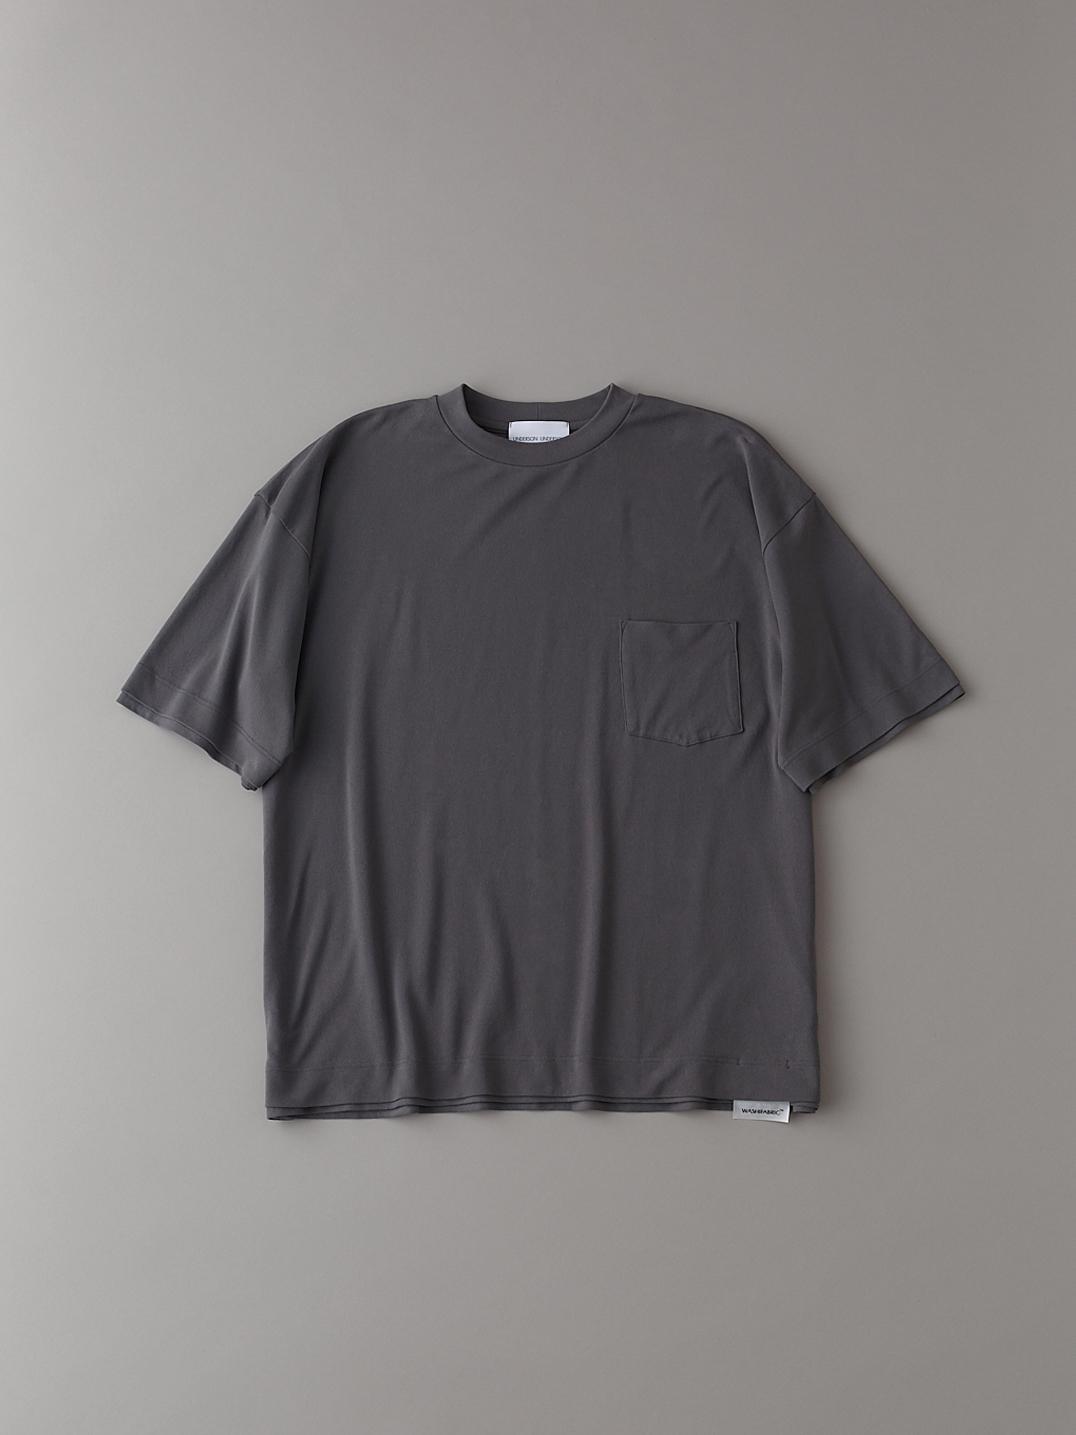 オールダブルTシャツ【メンズ】(CGRY-1)